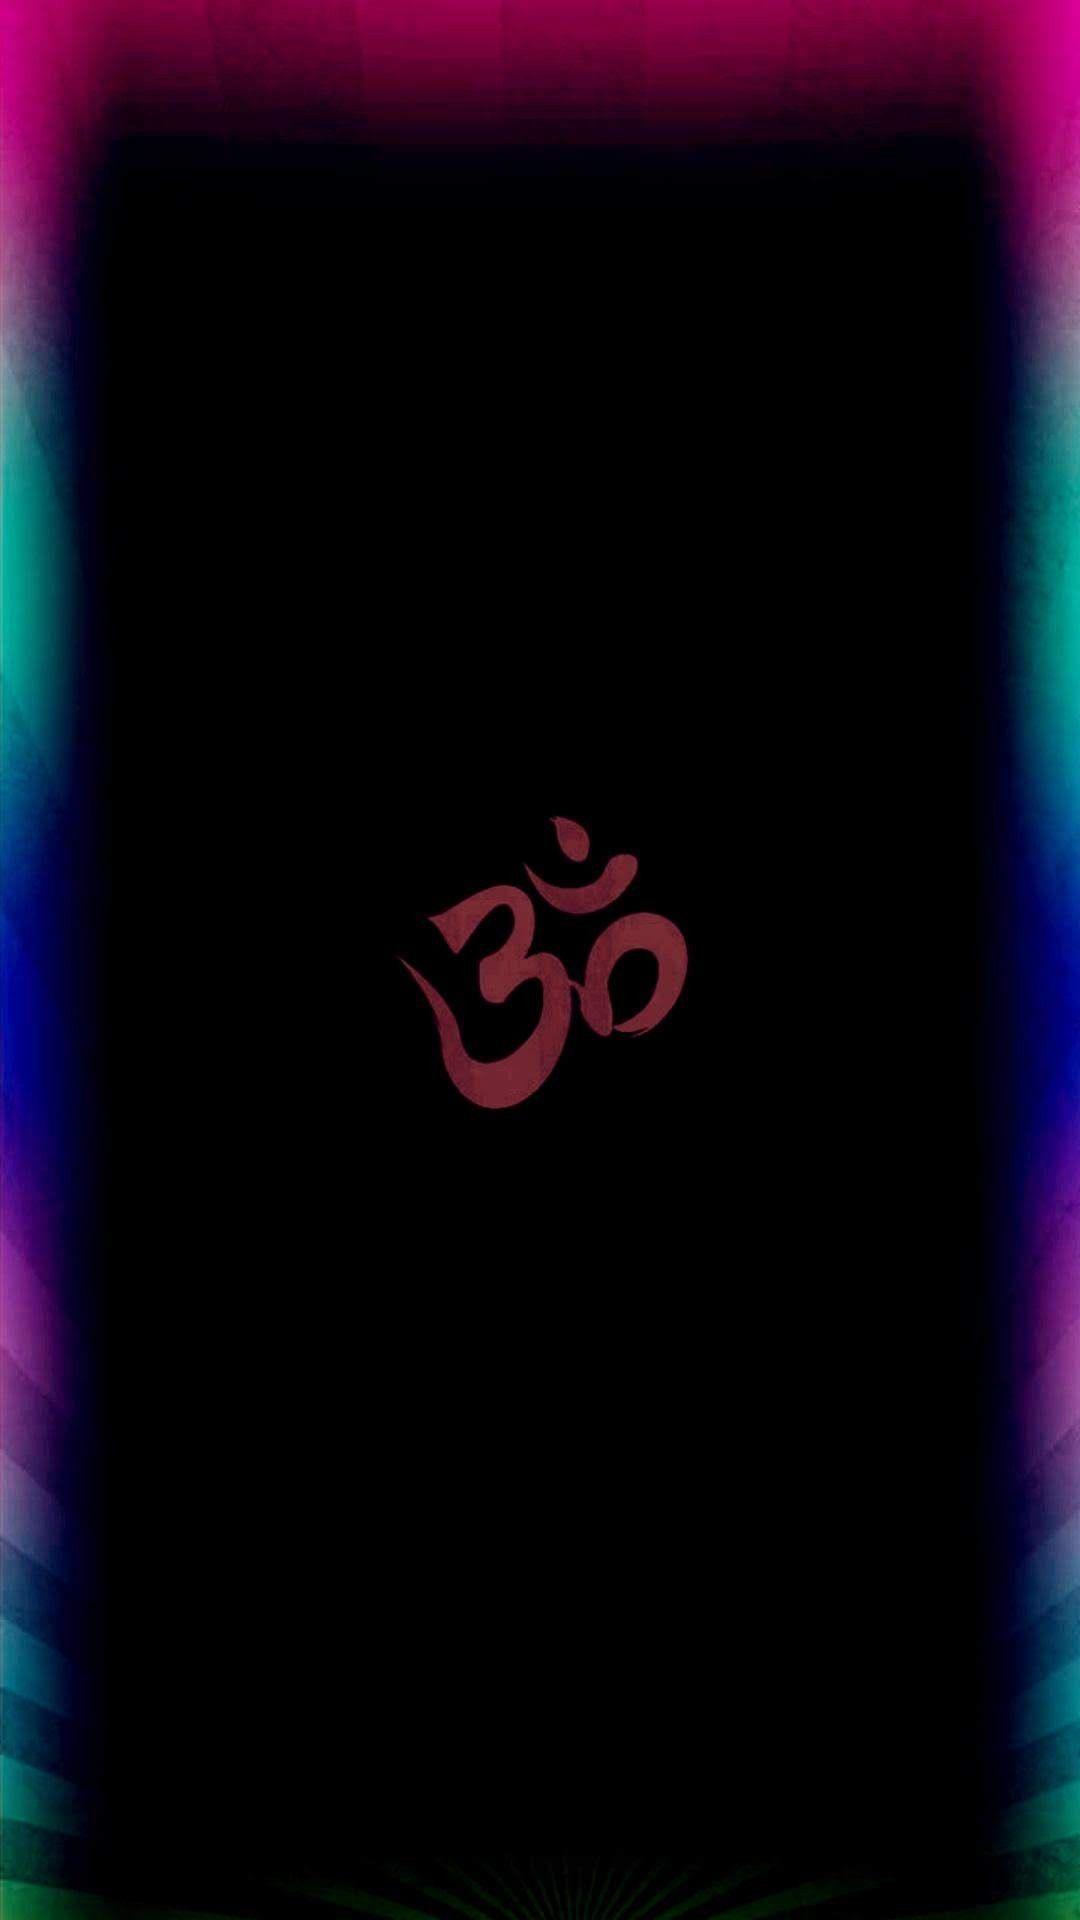 Om Mantra samsung wallpaper